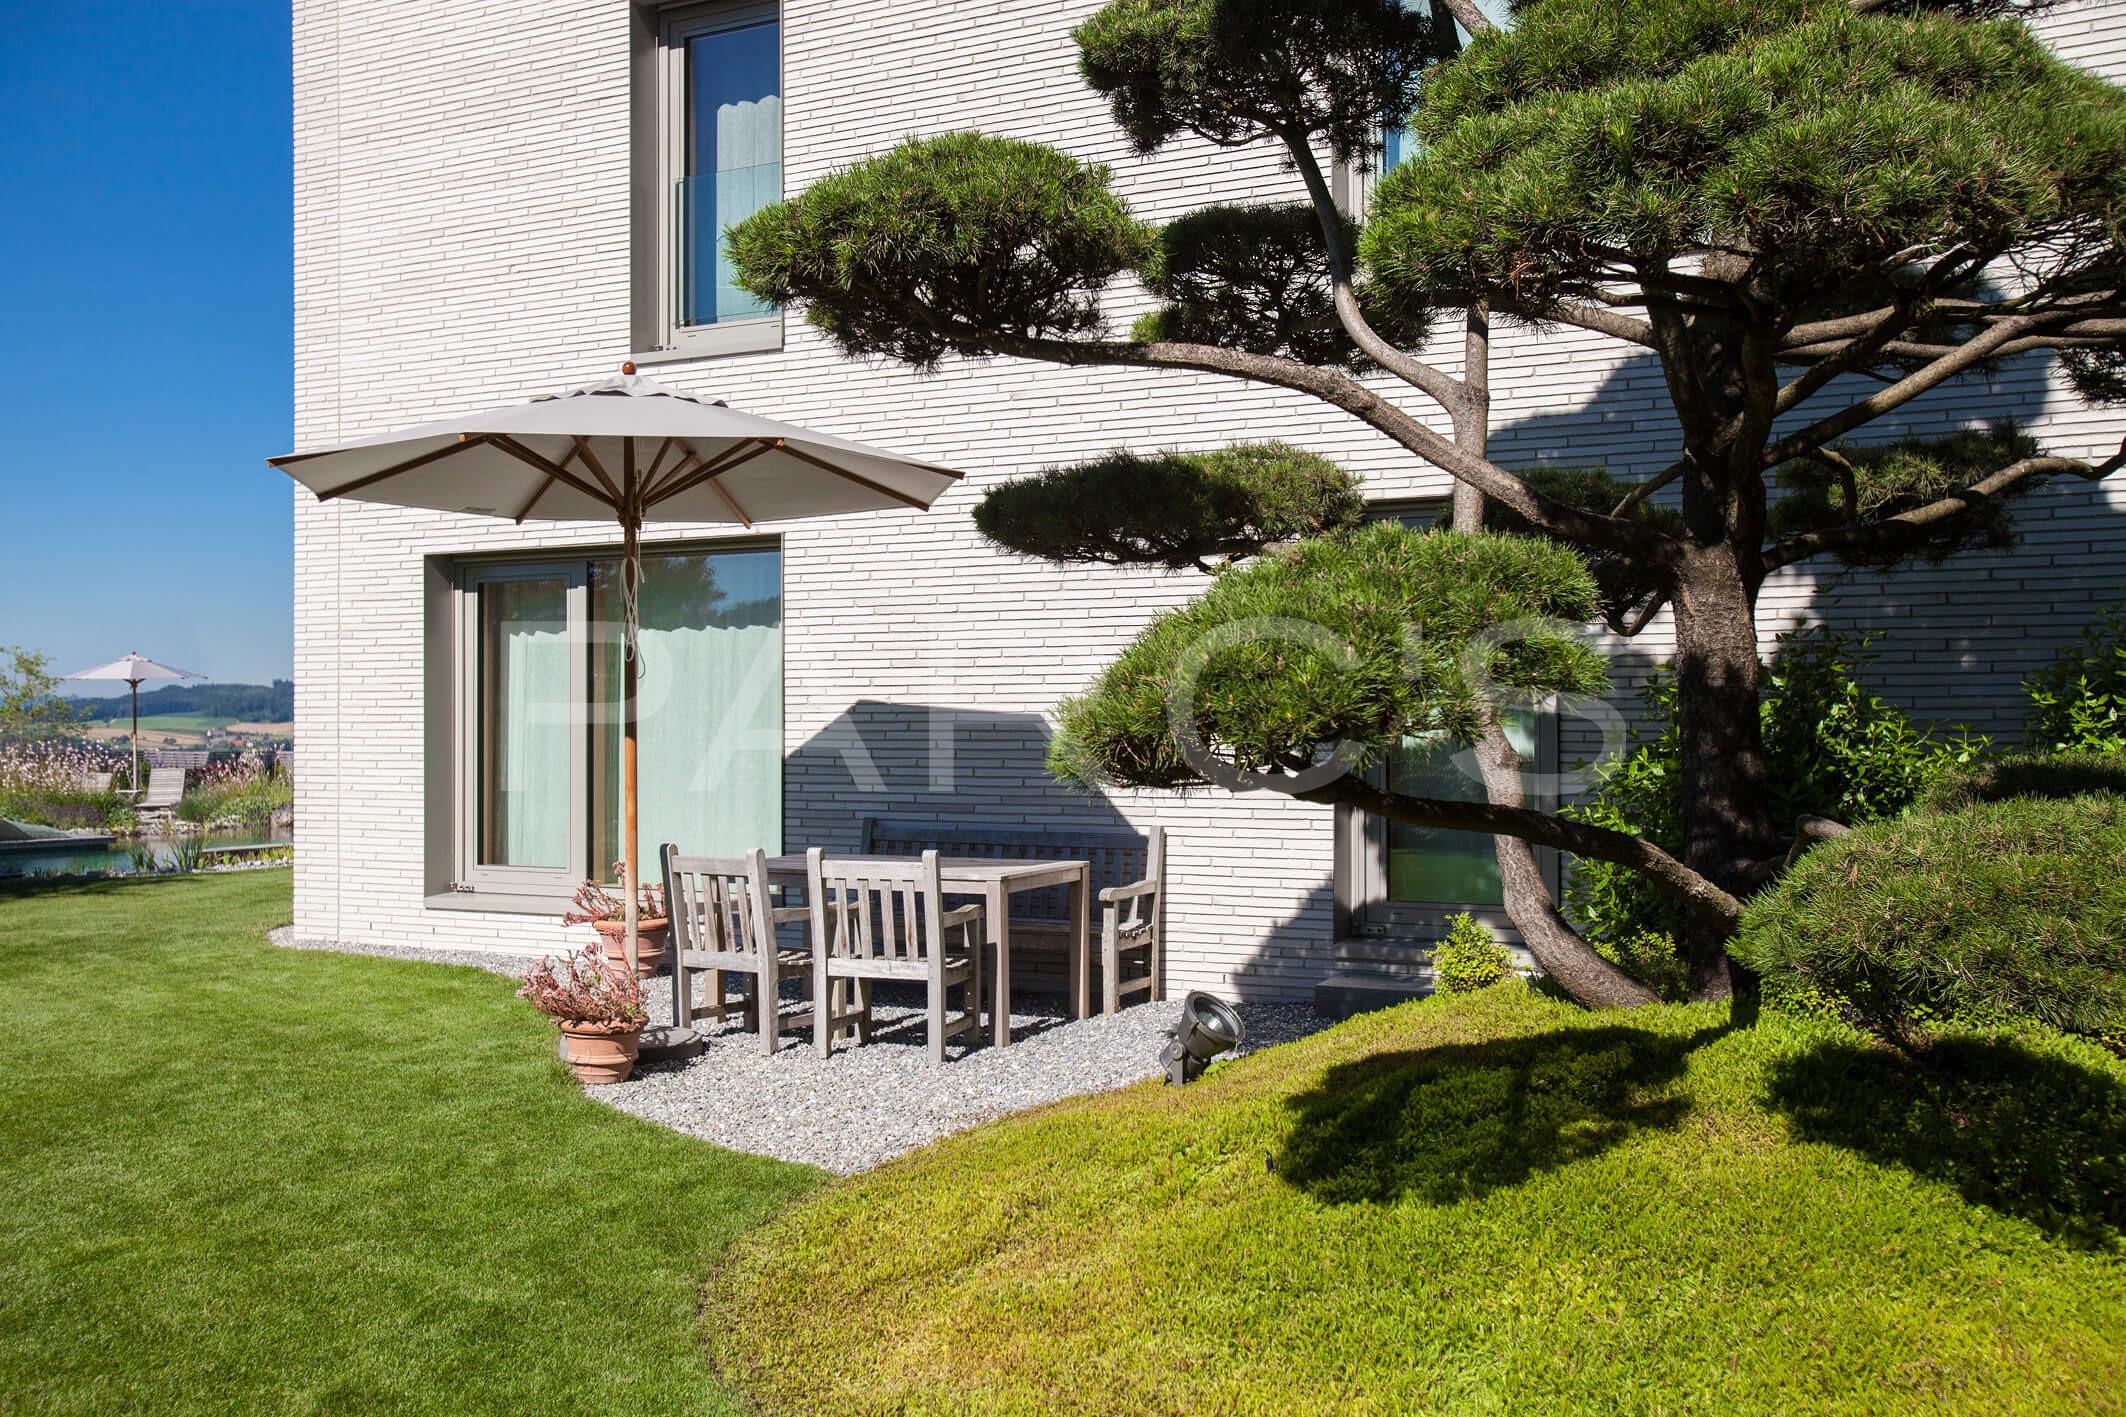 Grossz gige gartenanlage mit schwimmteich gartengestaltung for Gartengestaltung villa